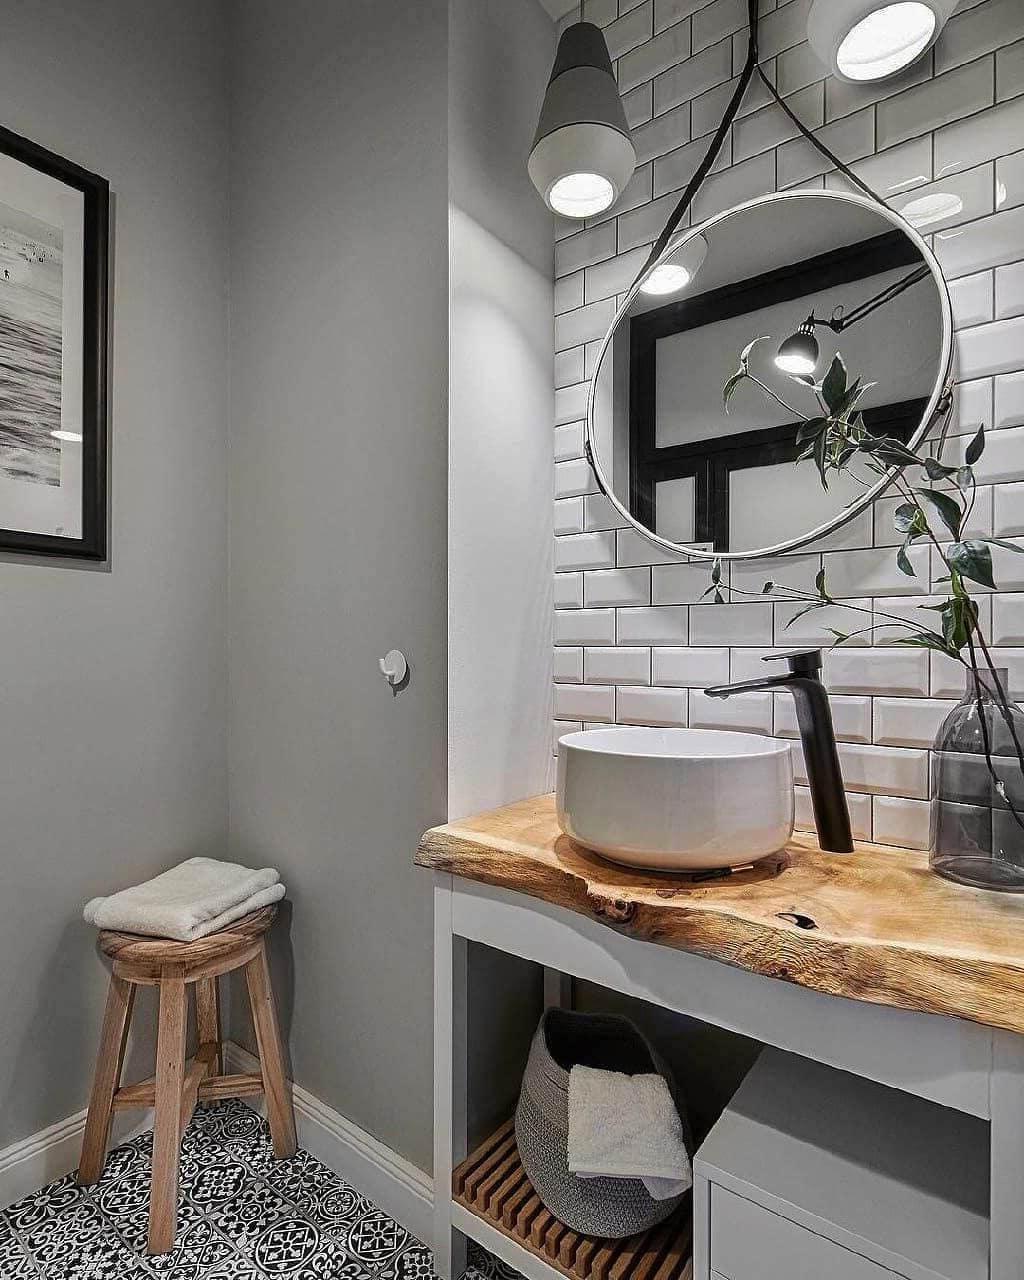 дизайн интерьера ванной комнаты фото 1